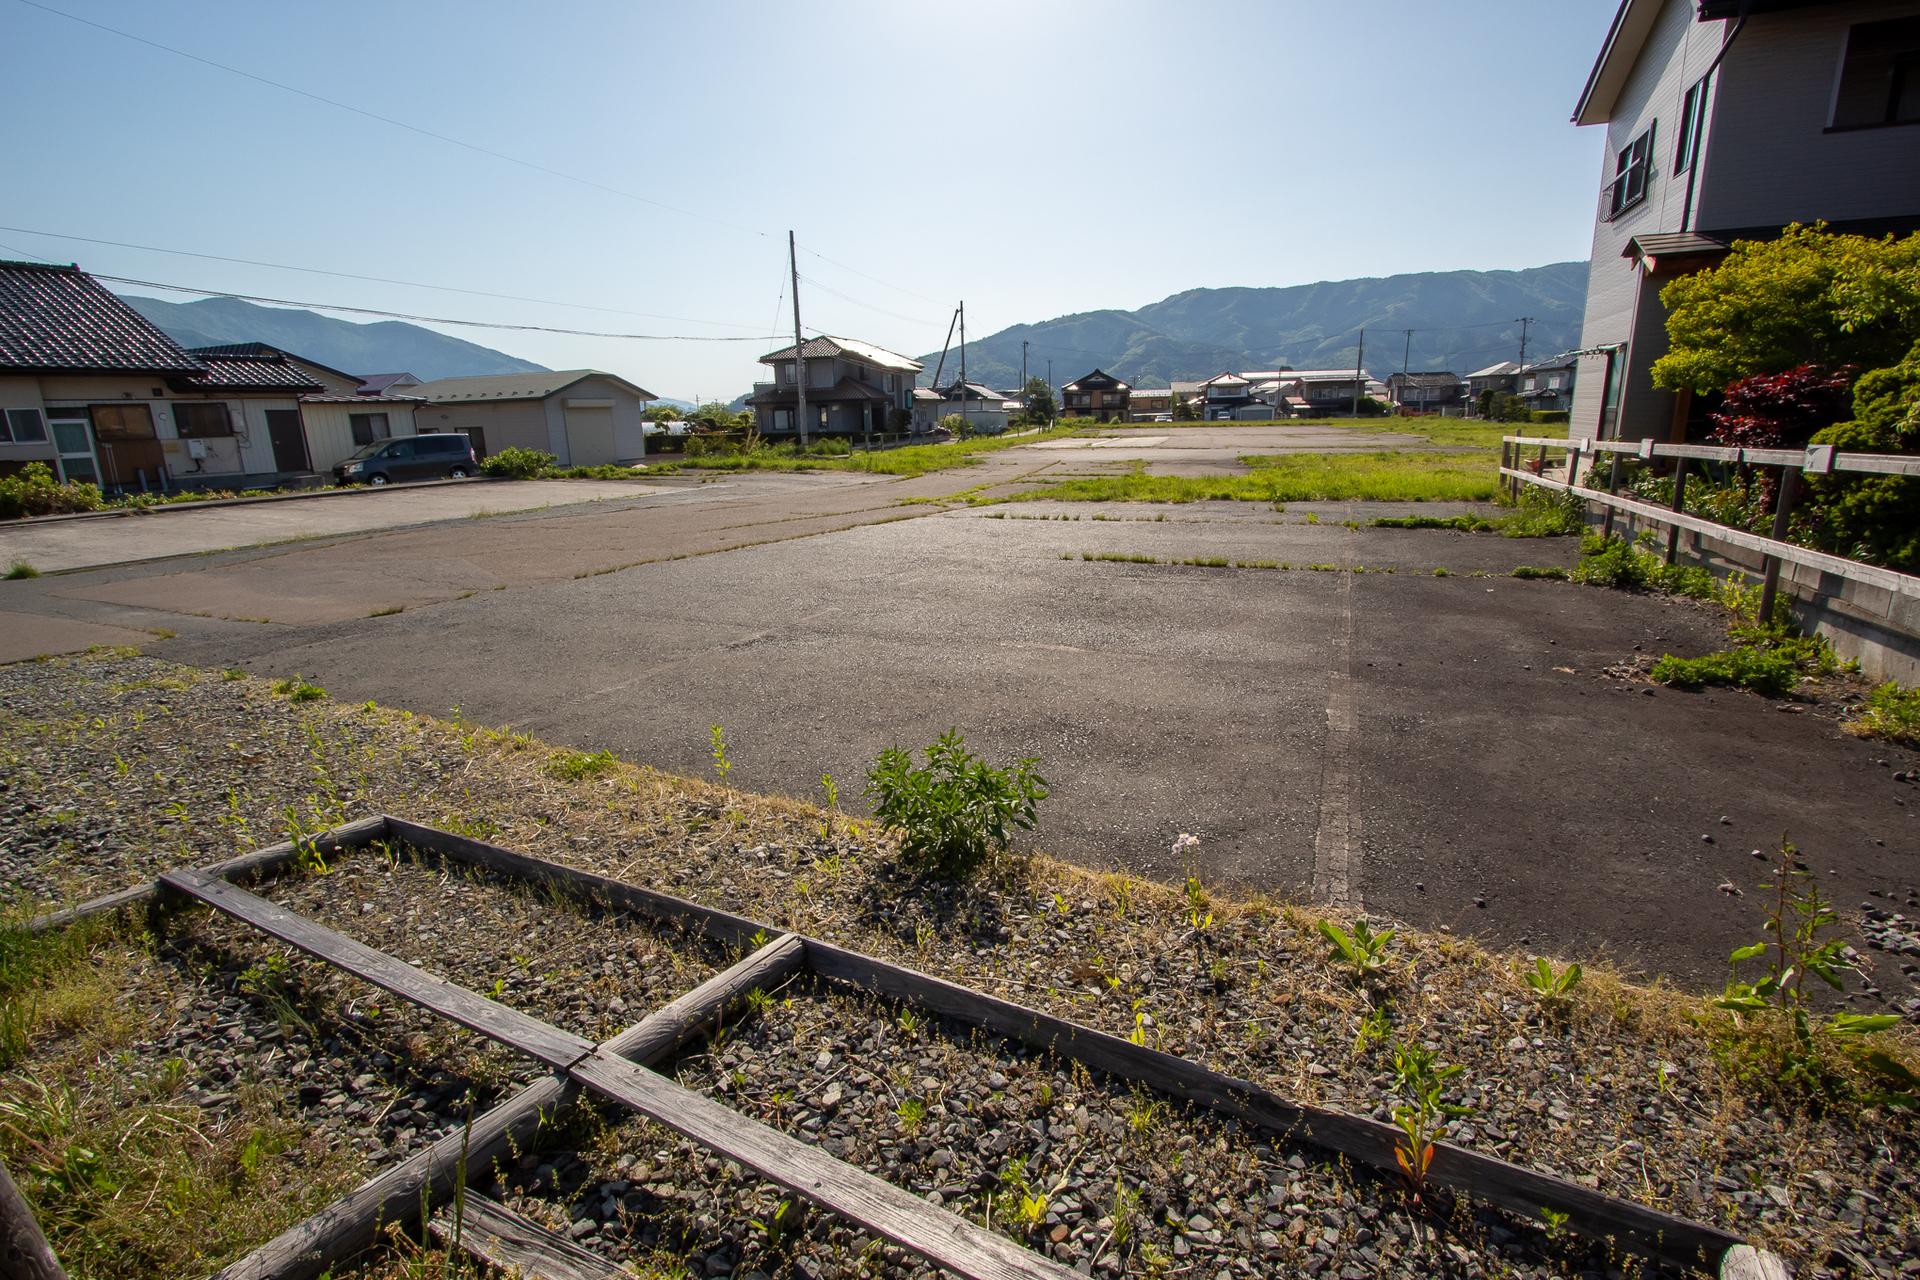 f:id:akichiniiko:20190612172048j:plain